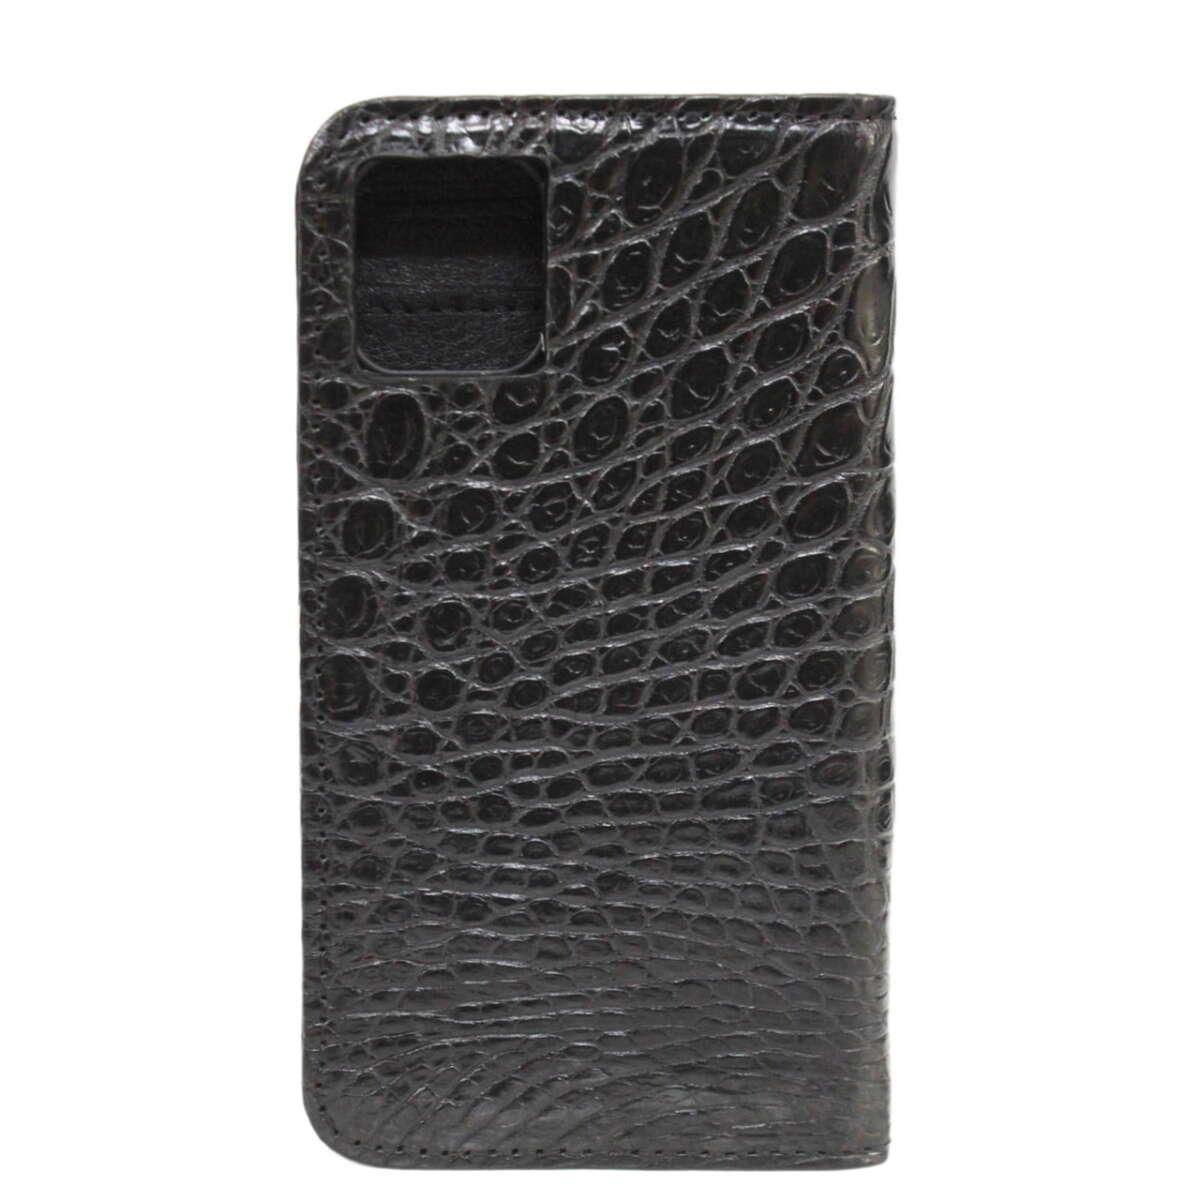 Ốp lưng dạng ví iPhone 11 Pro da cá sấu S1069a